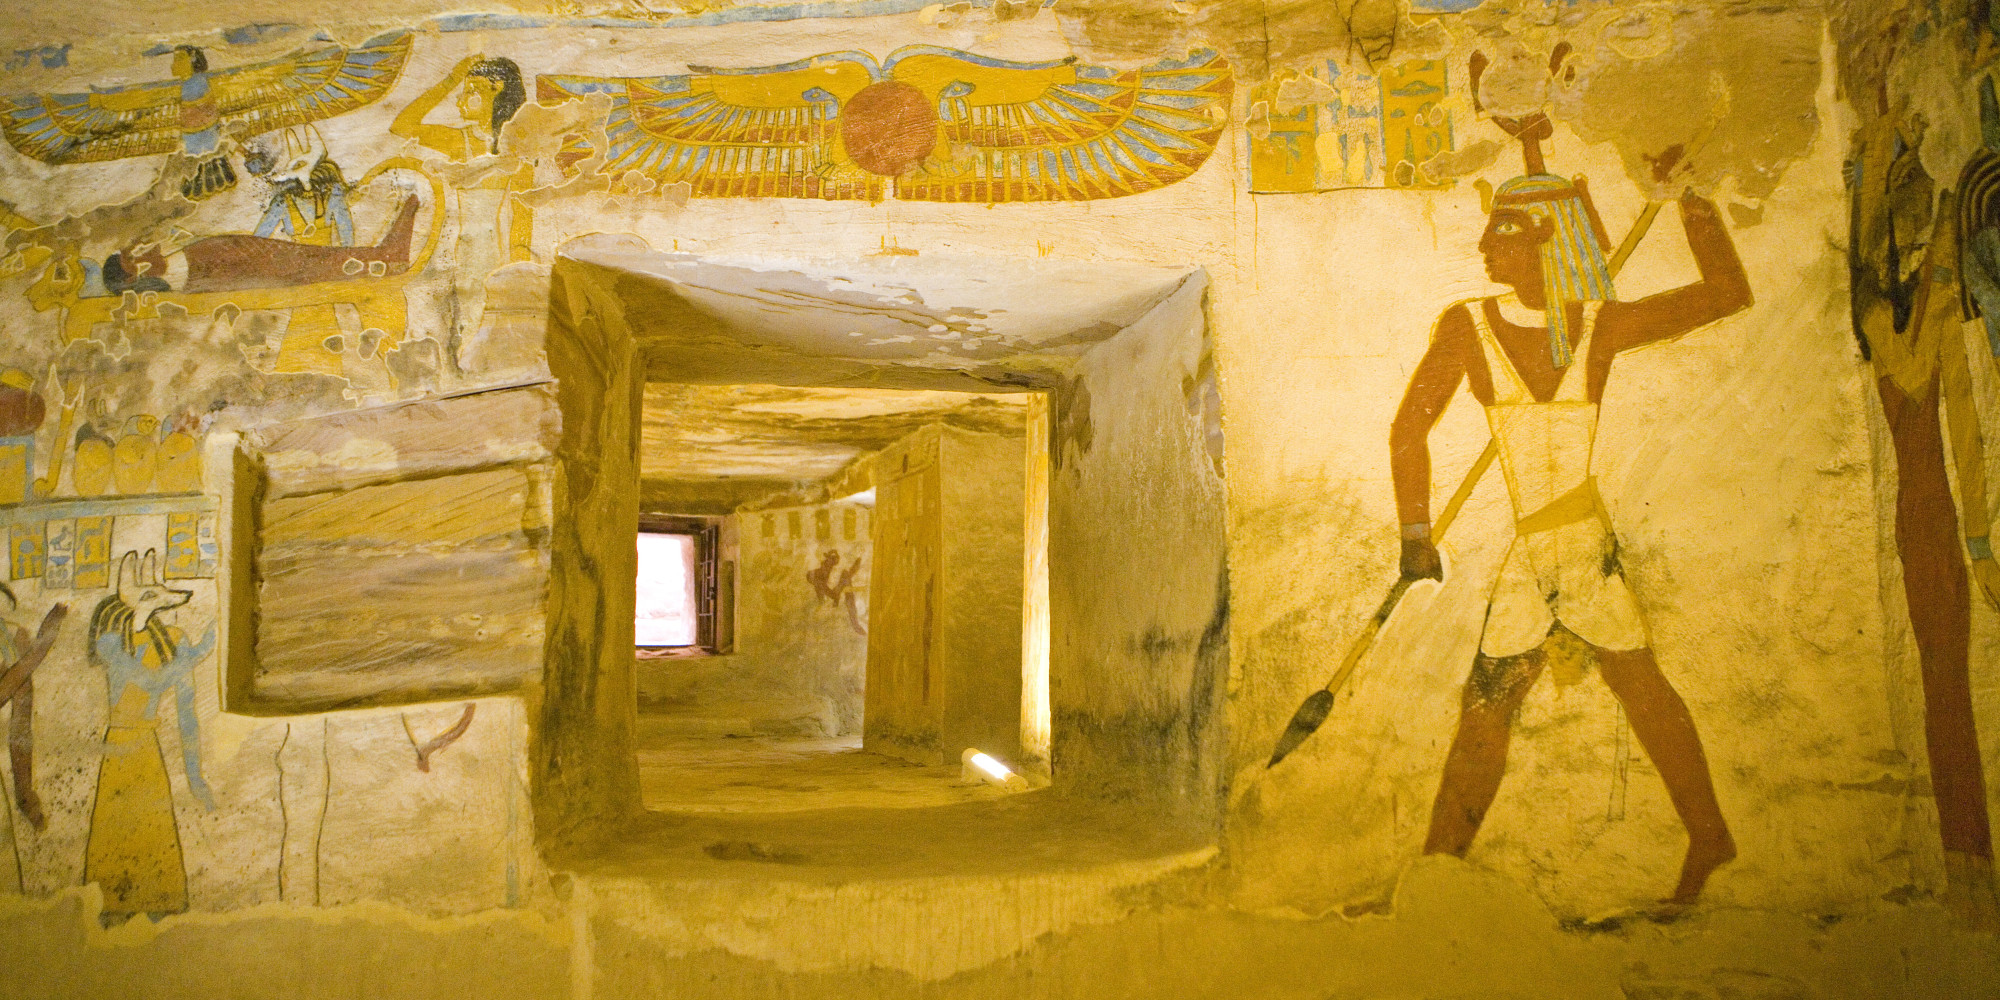 Egypt essay